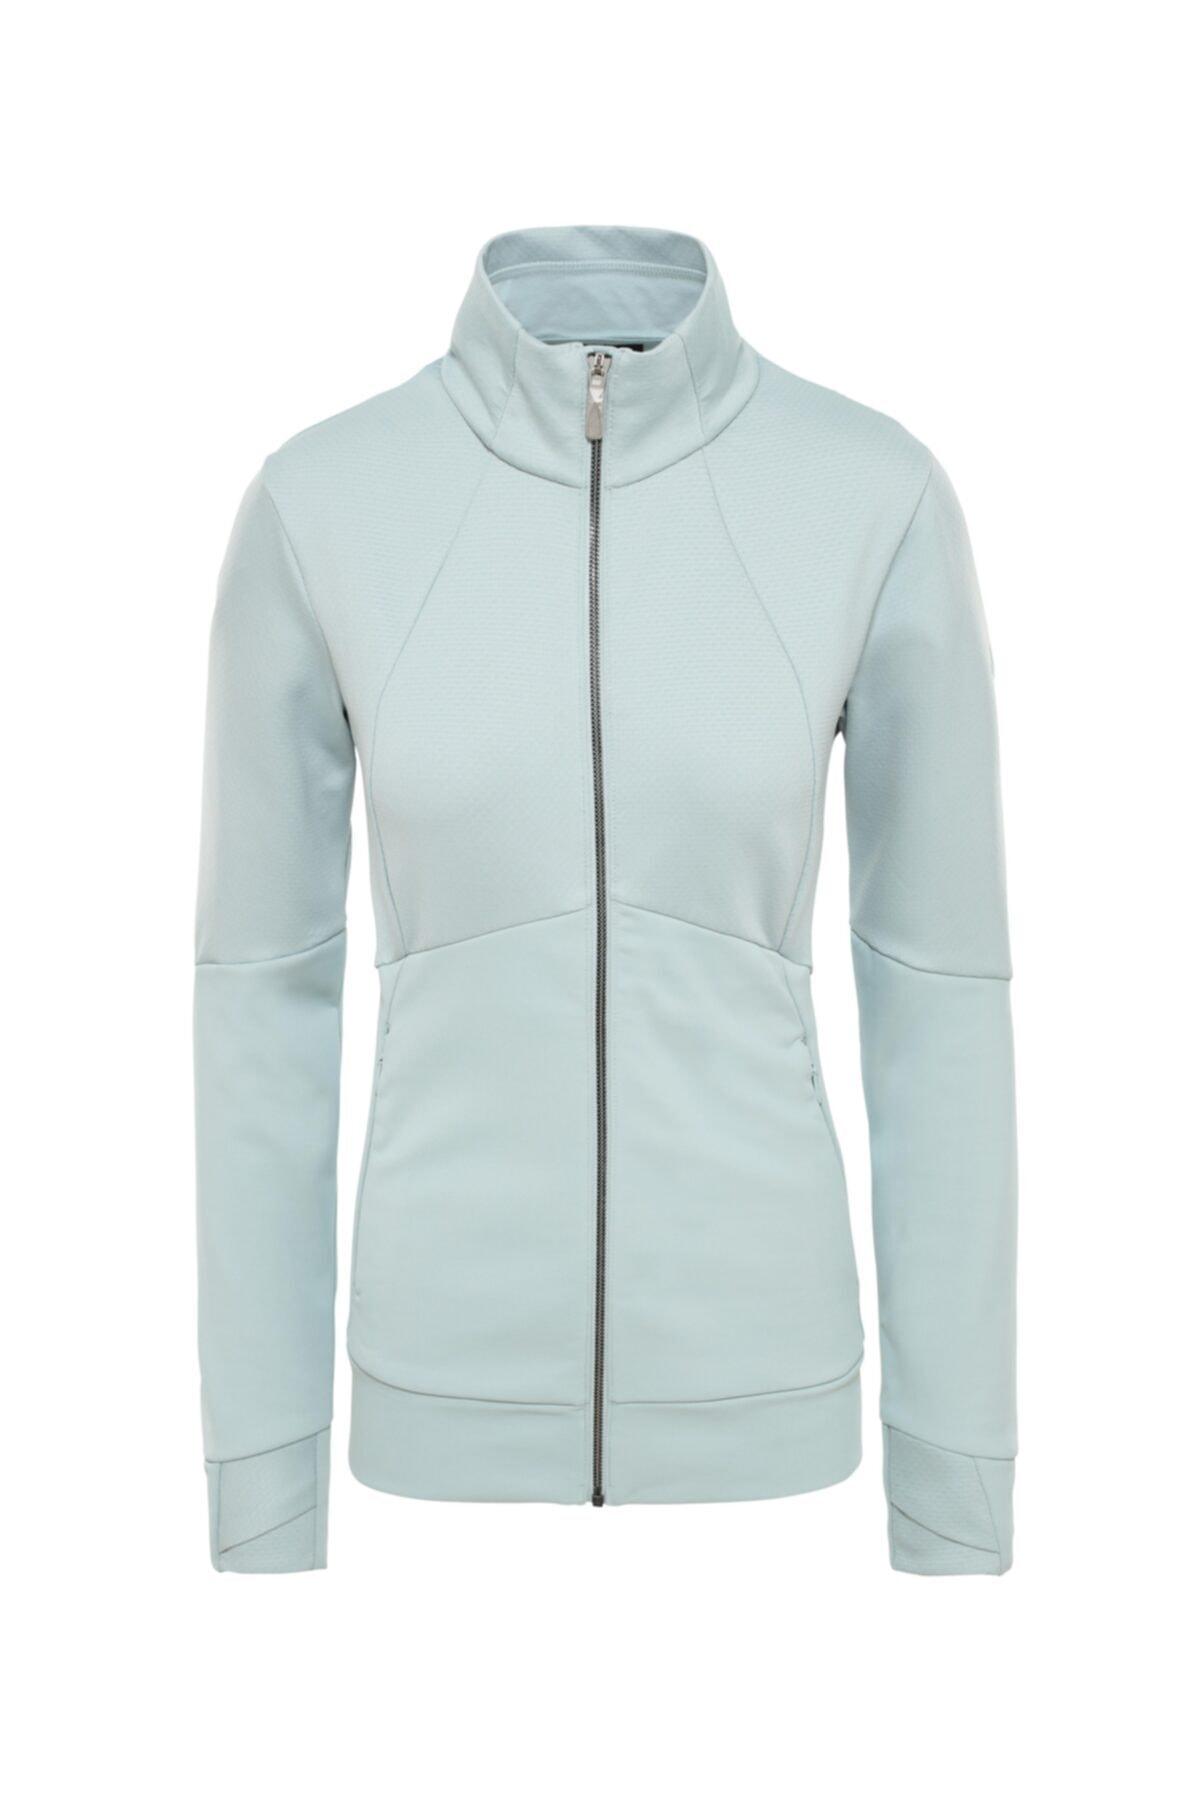 سفارش گرمکن ورزشی ارزان زنانه برند The North Face رنگ آبی کد ty31266919